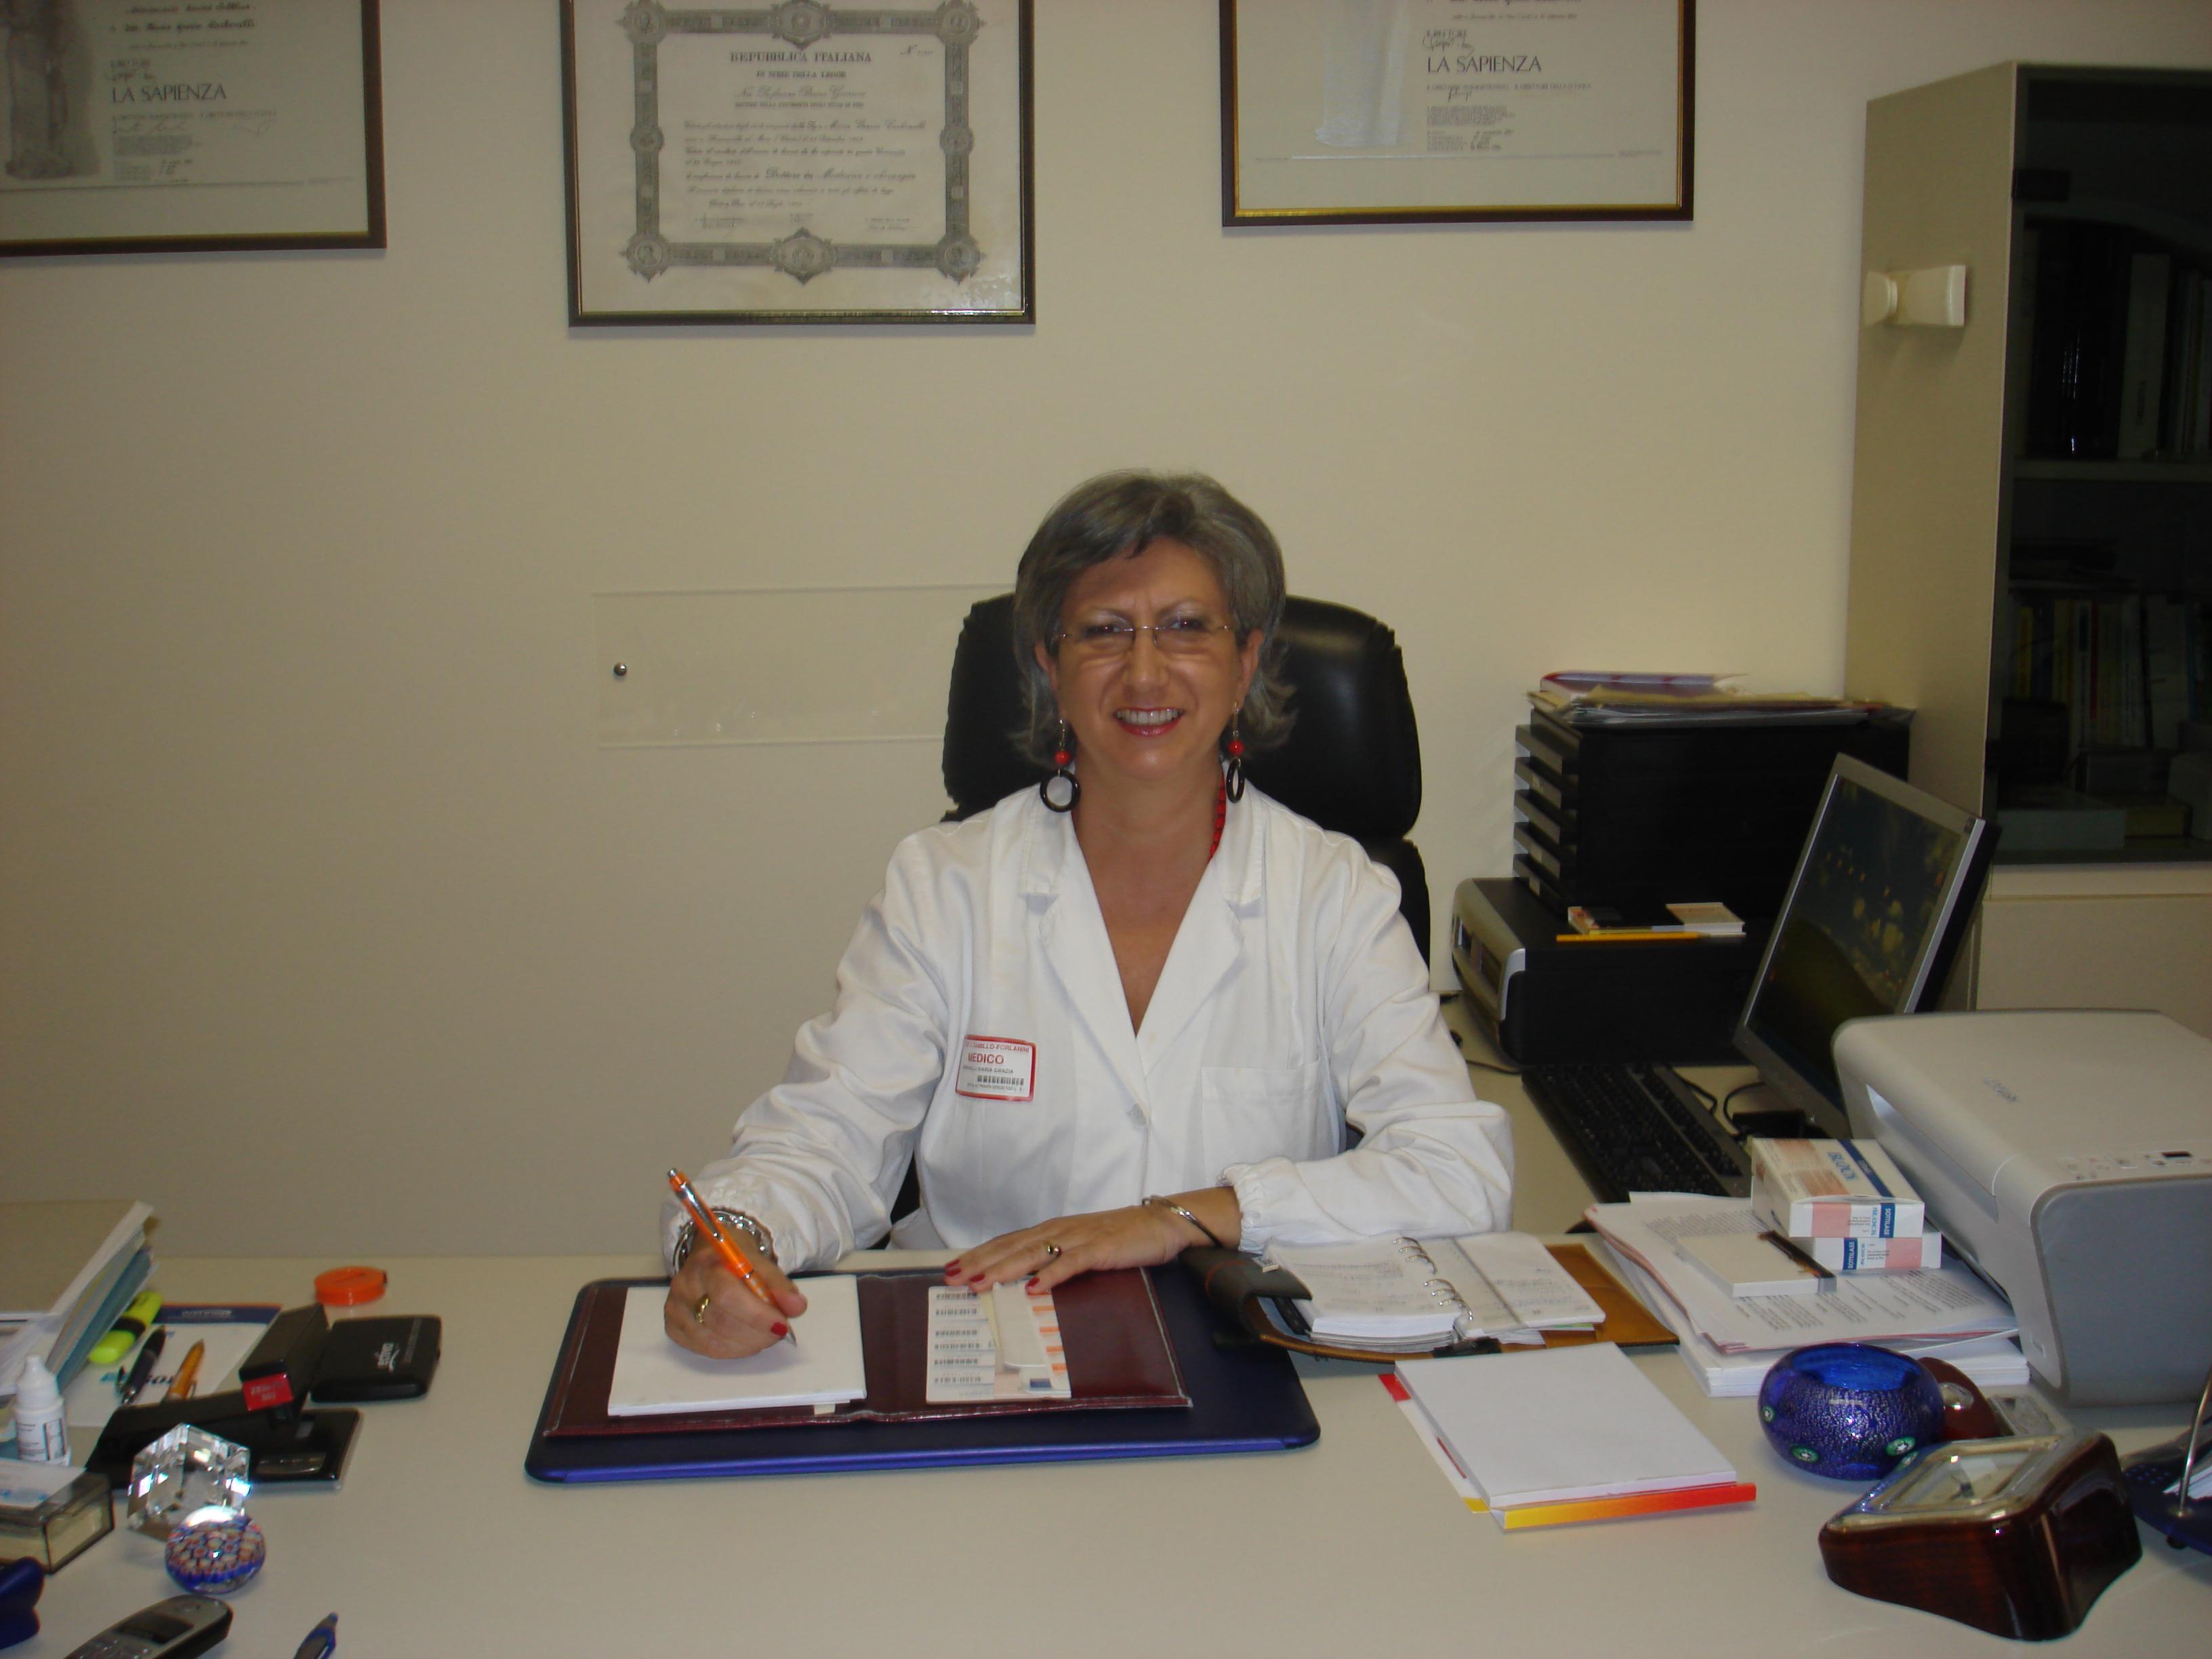 Alimentazione e Salute – Intervista alla Dott.ssa Maria Grazia Carbonelli, Dirigente Medico dell'Unità di Dietologia e Nutrizione dell'Azienda Ospedaliera San Camillo – Forlanini